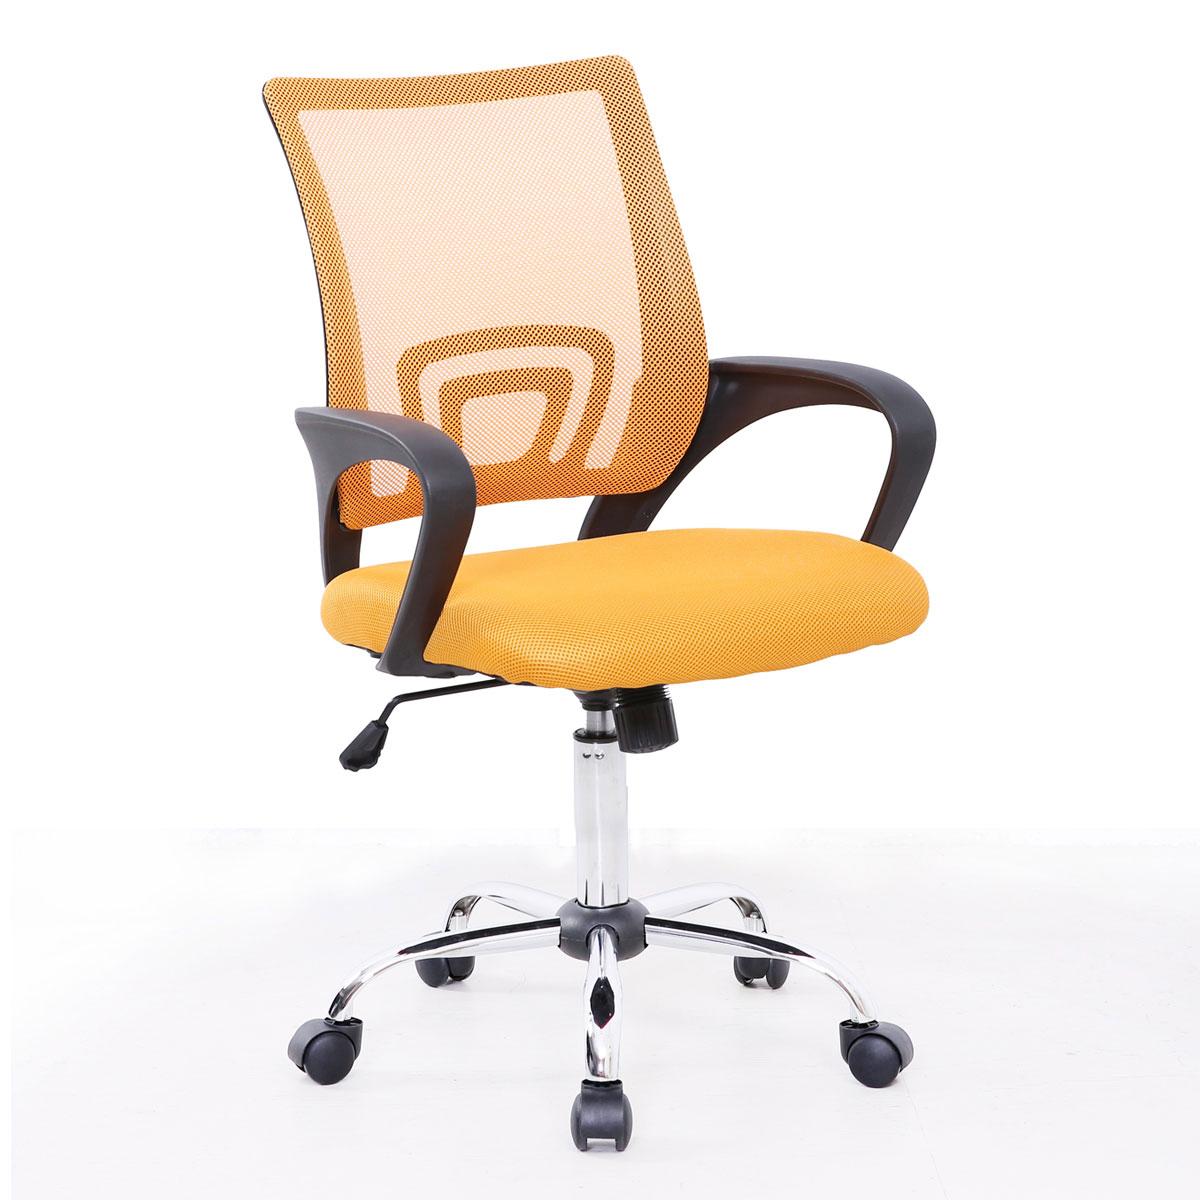 91203 SVITA Kinder Schreibtischstuhl Netzbezug gelb